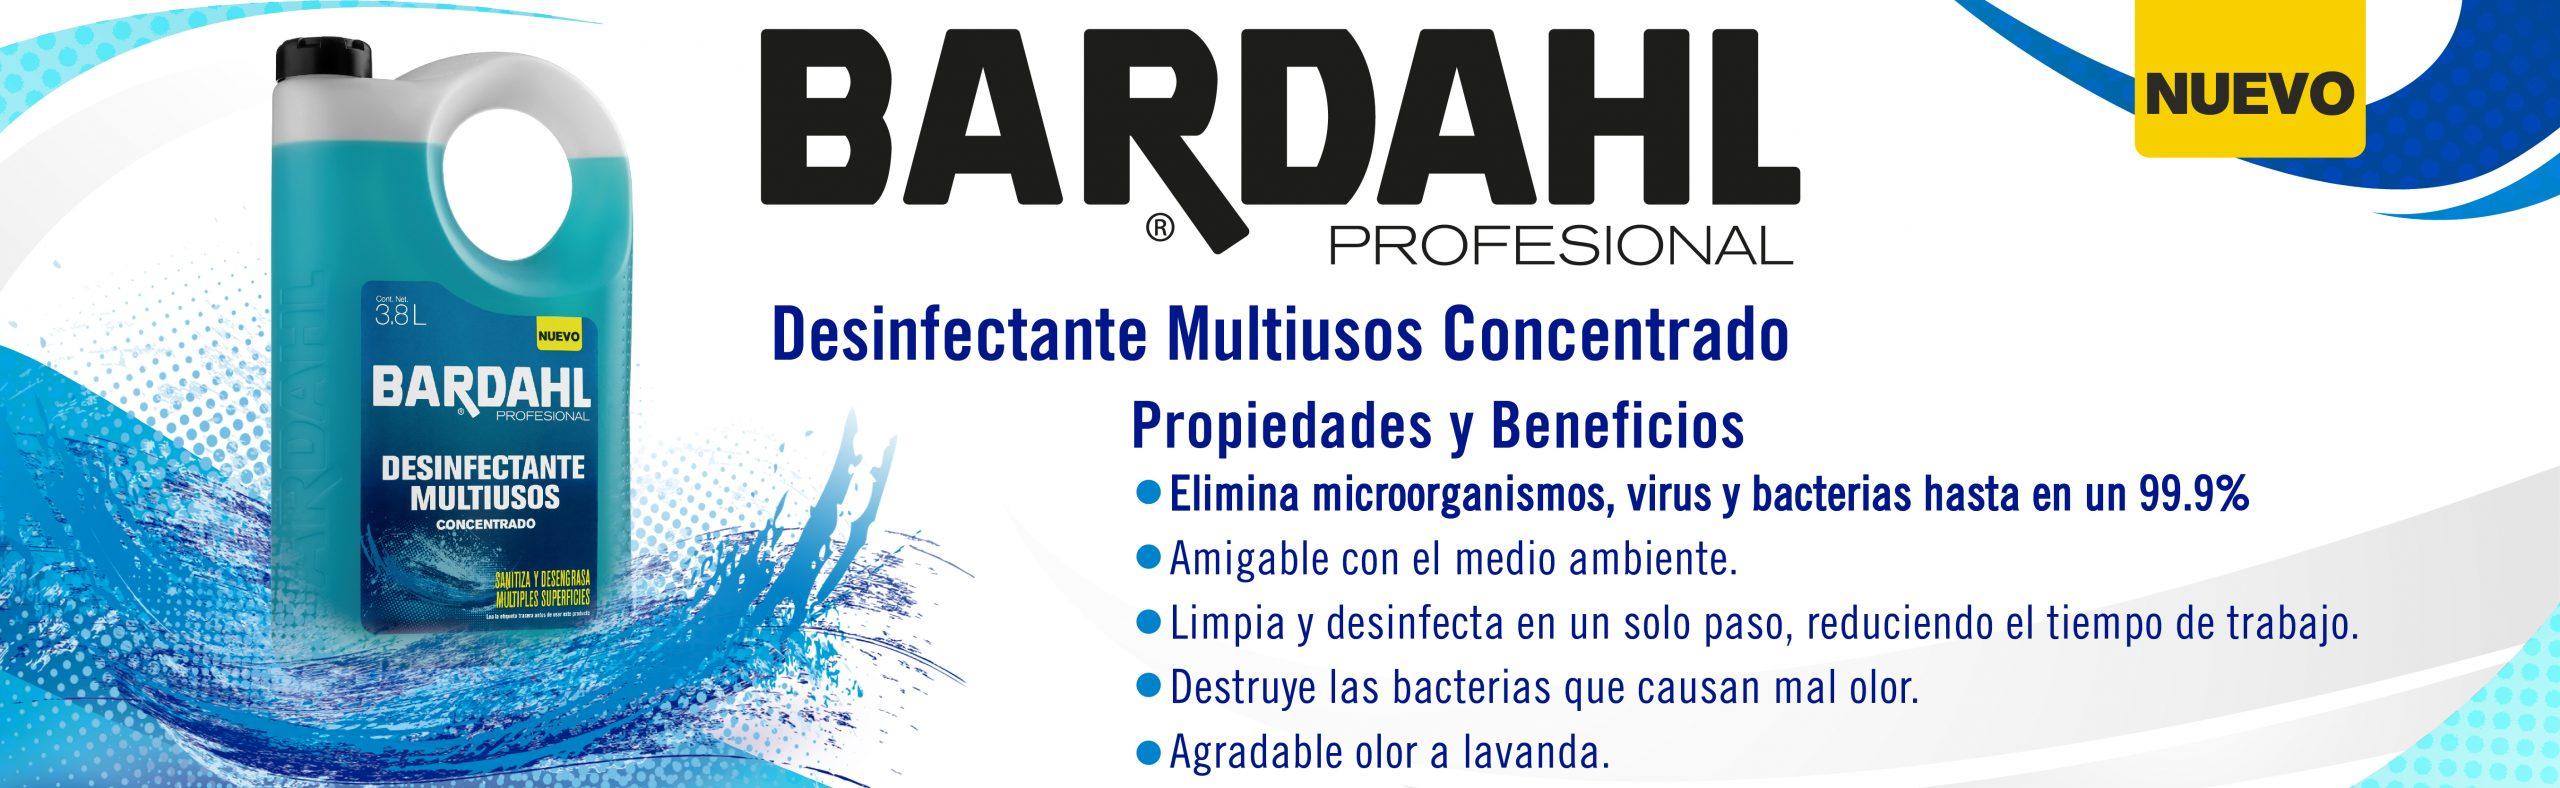 Desinfectante Multiusos Concentrado Bardahl